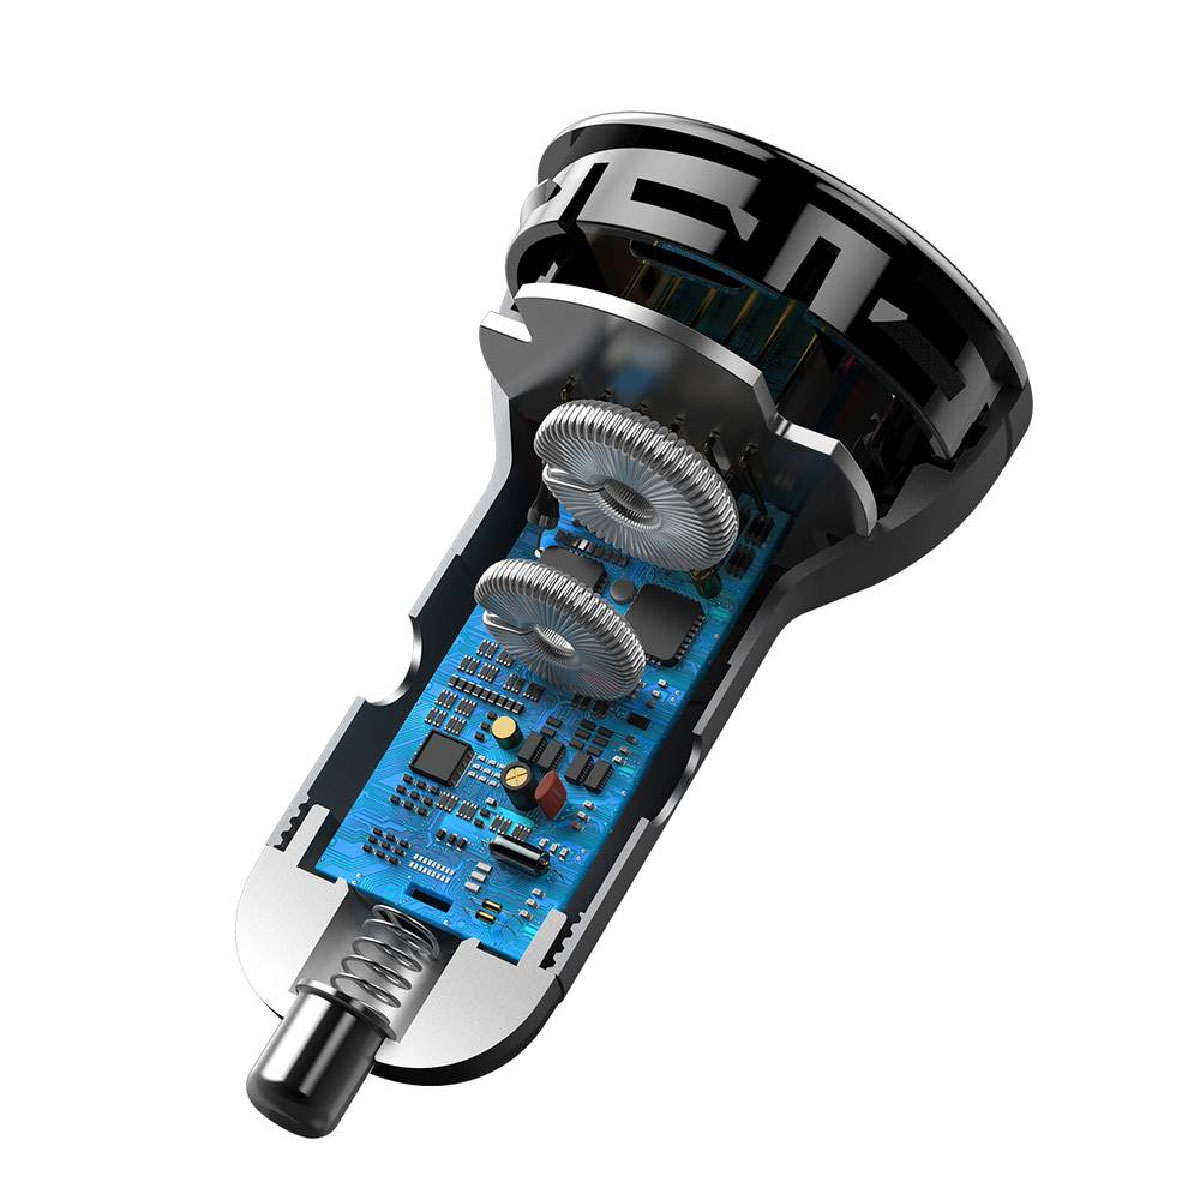 Carregador Veicular 45W com Cabo PD 60W Baseus USB + USB-C Carregamento Simultâneo